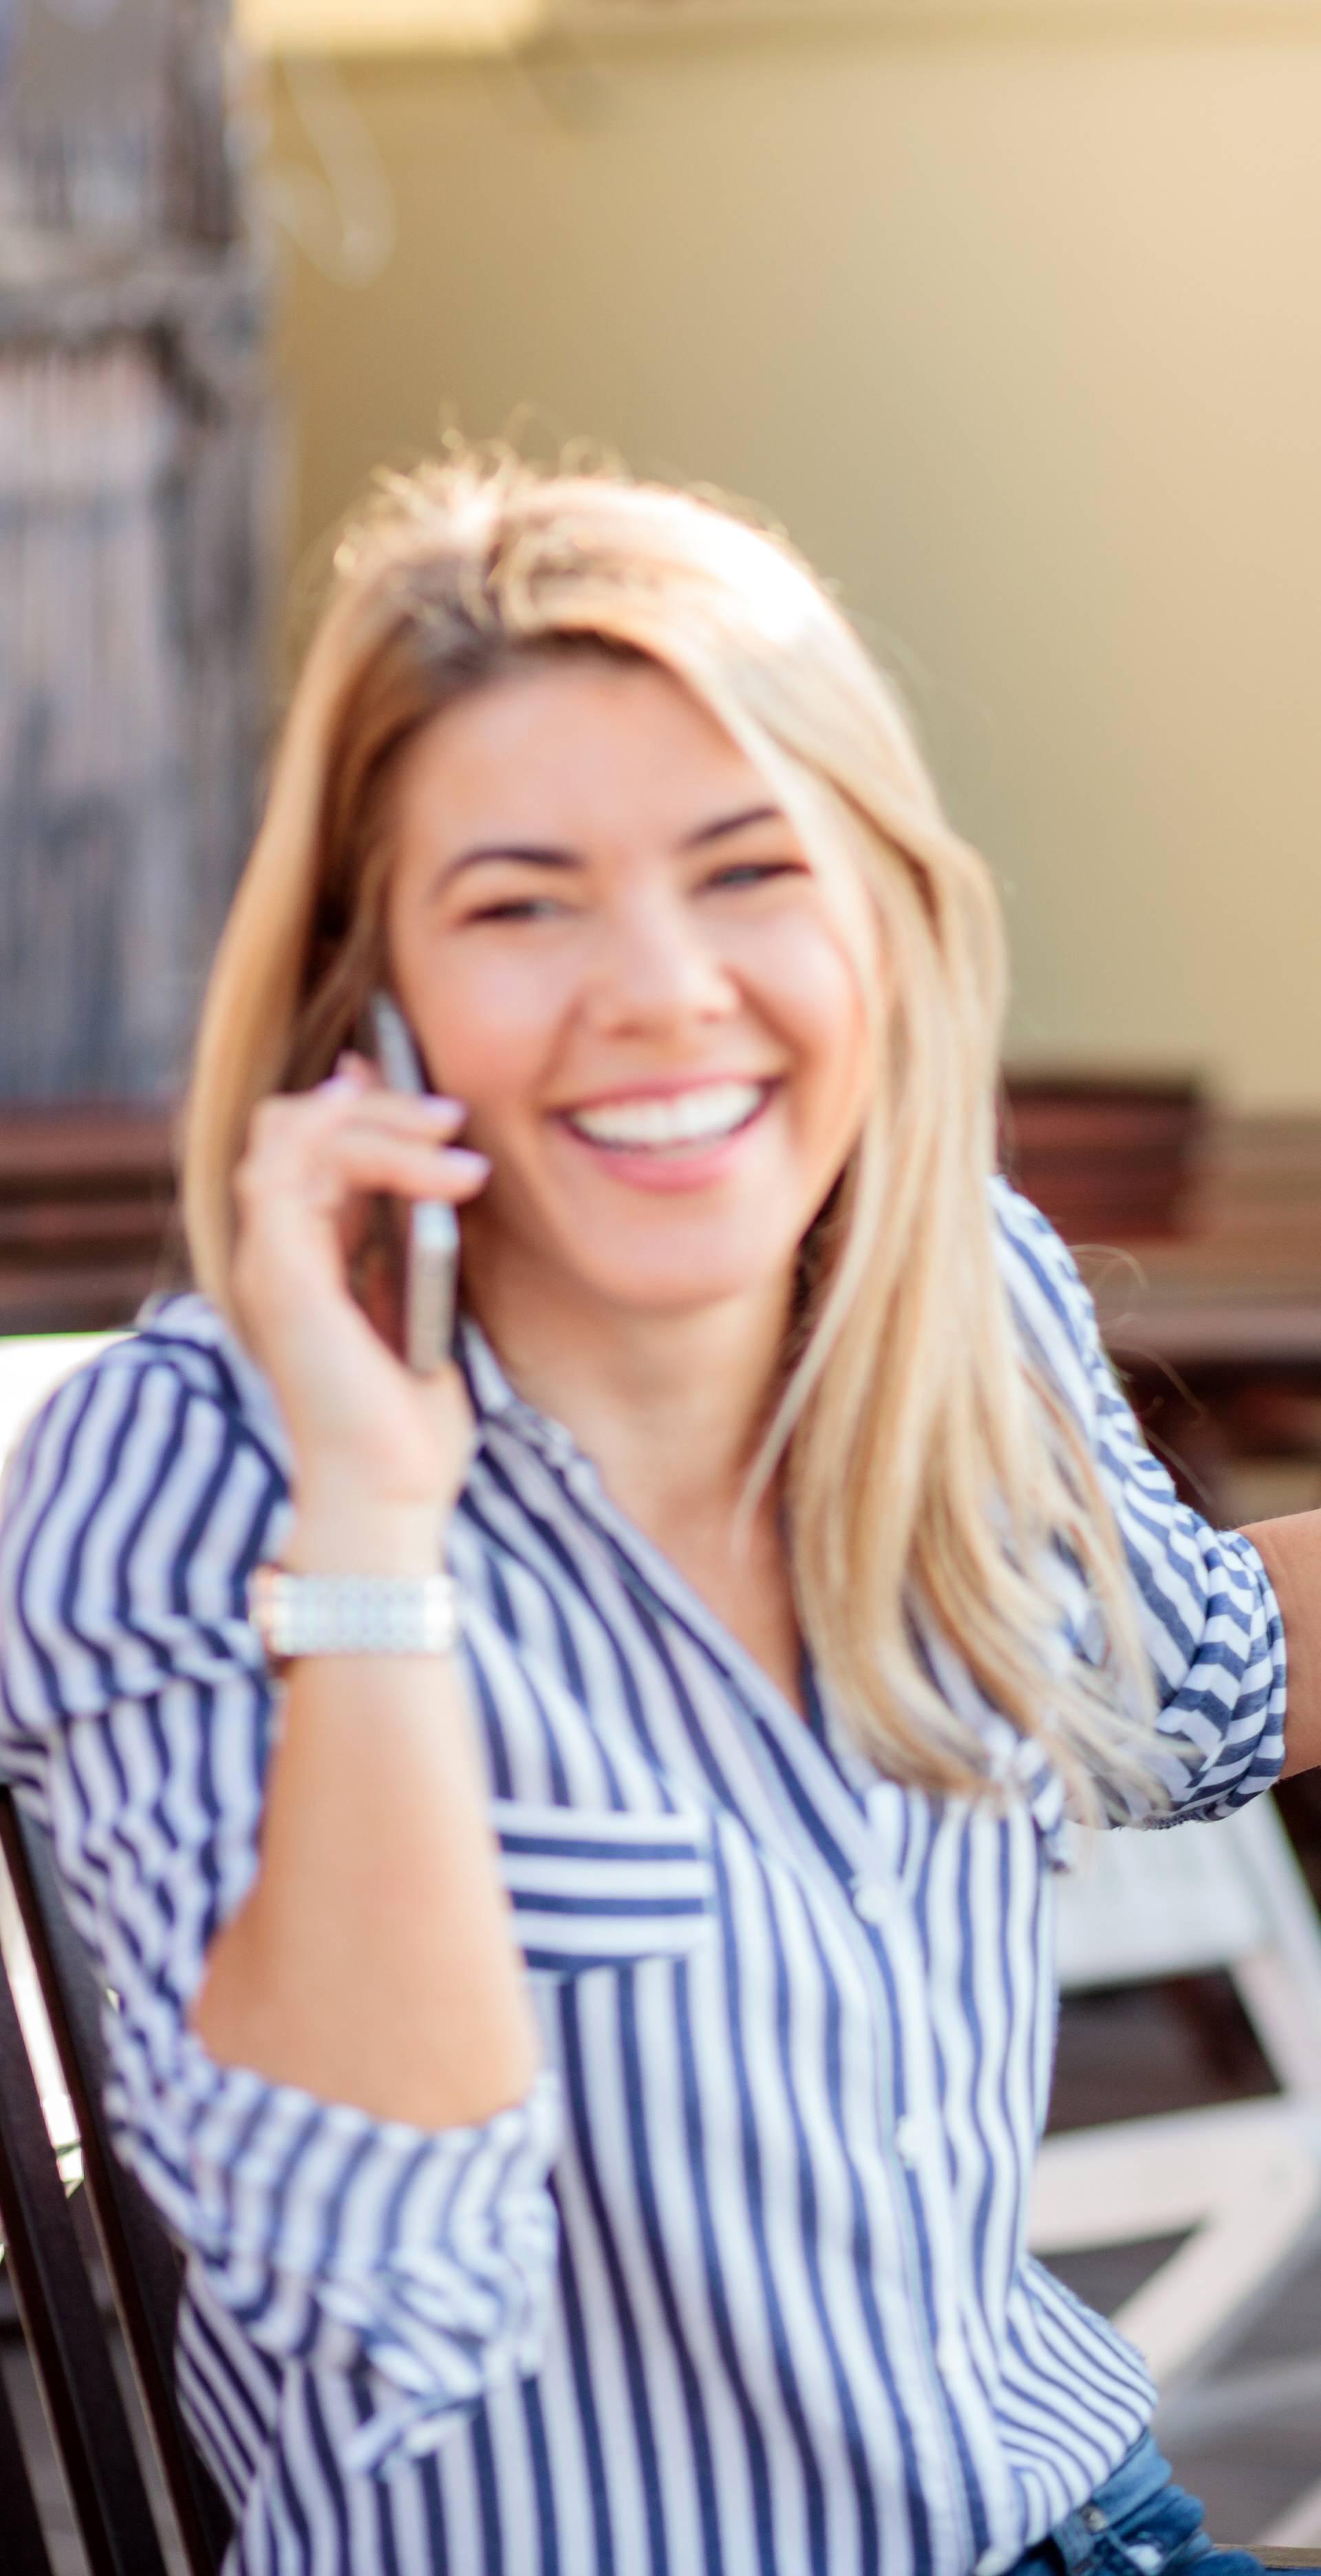 Partner ne može bez mobitela? Uz dogovor postavite granice